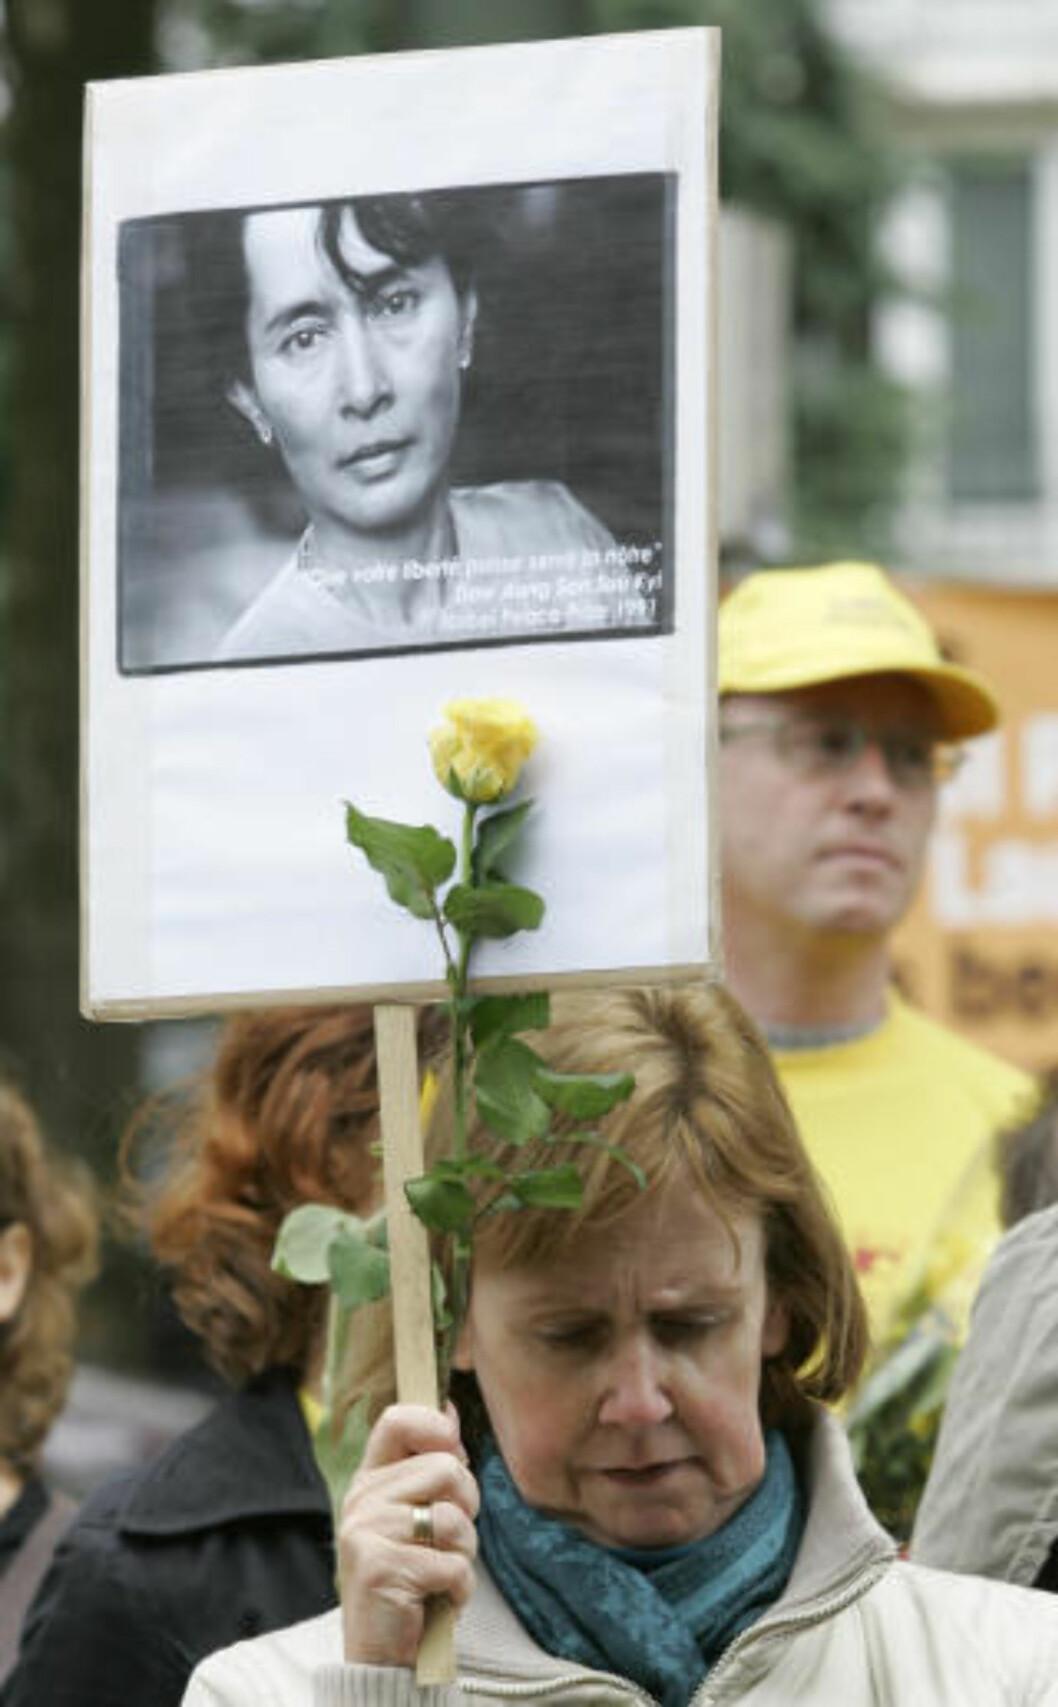 <strong>STØTTE:</strong> Her demonstrerer tilhengere av Suu Kyi utenfor Burmas ambassade i Brüssel i mars. De får støtte av Jimmy Carter. Foto: AP Photo/Yves Logghe/Scanpix